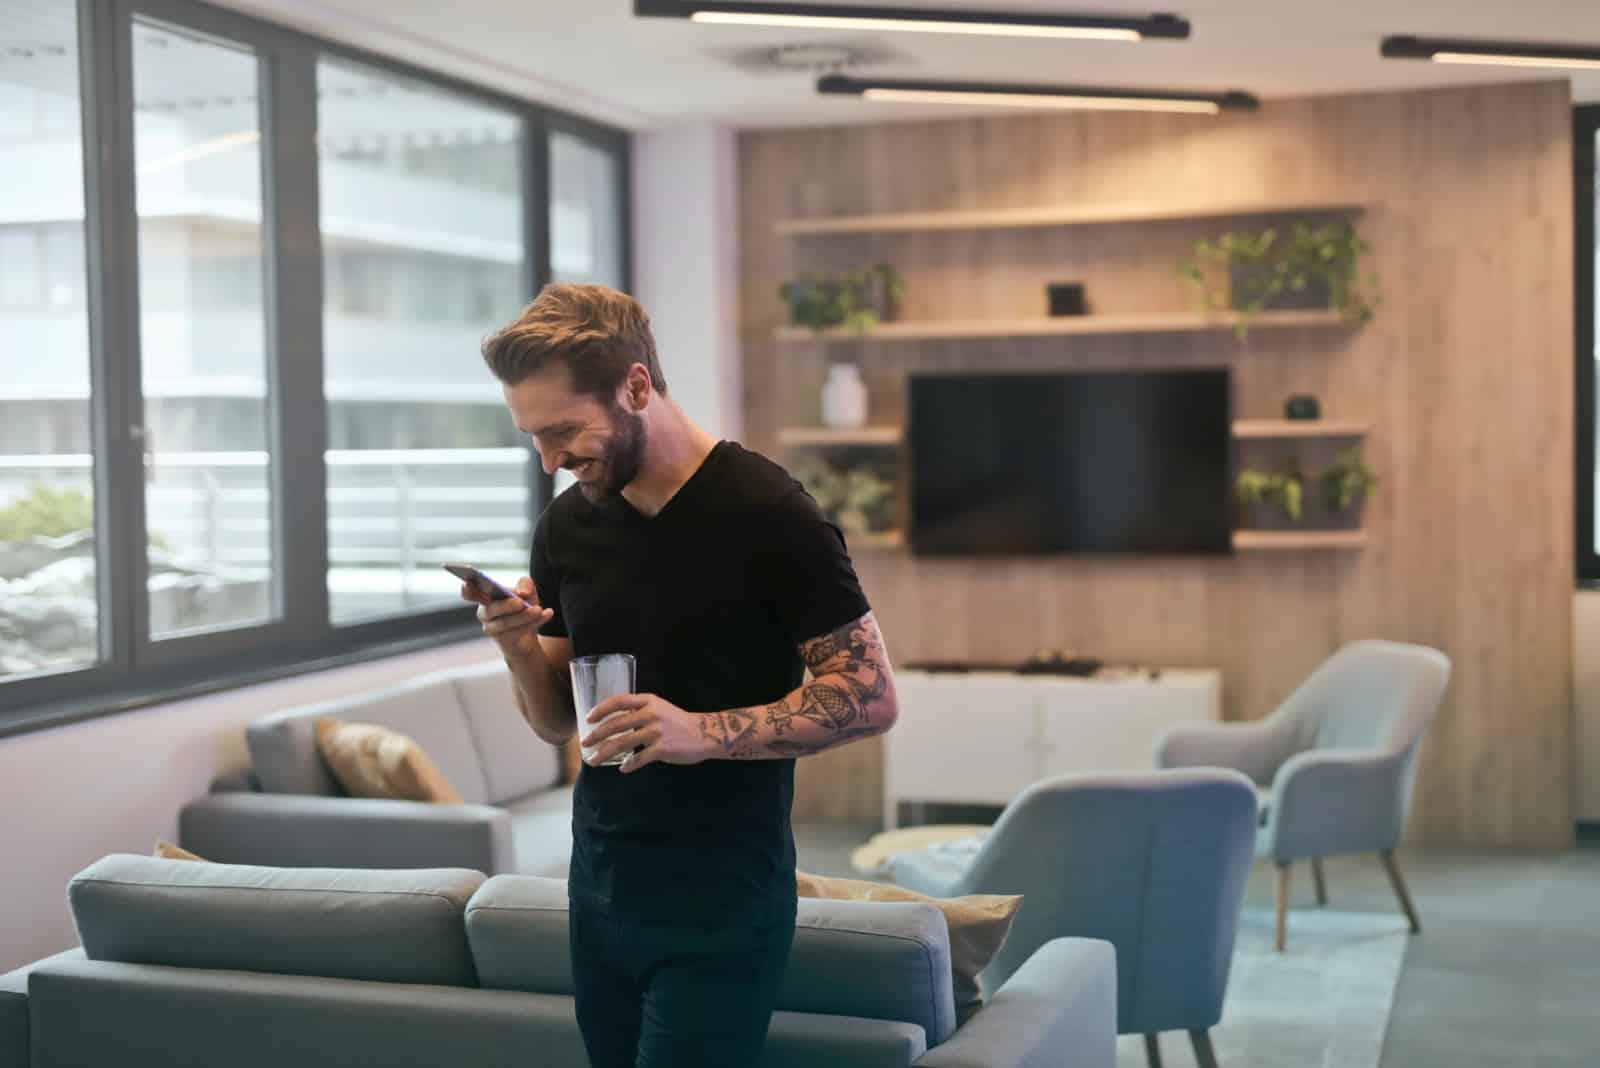 homme heureux regardant son smartphone tout en se tenant debout à l'intérieur